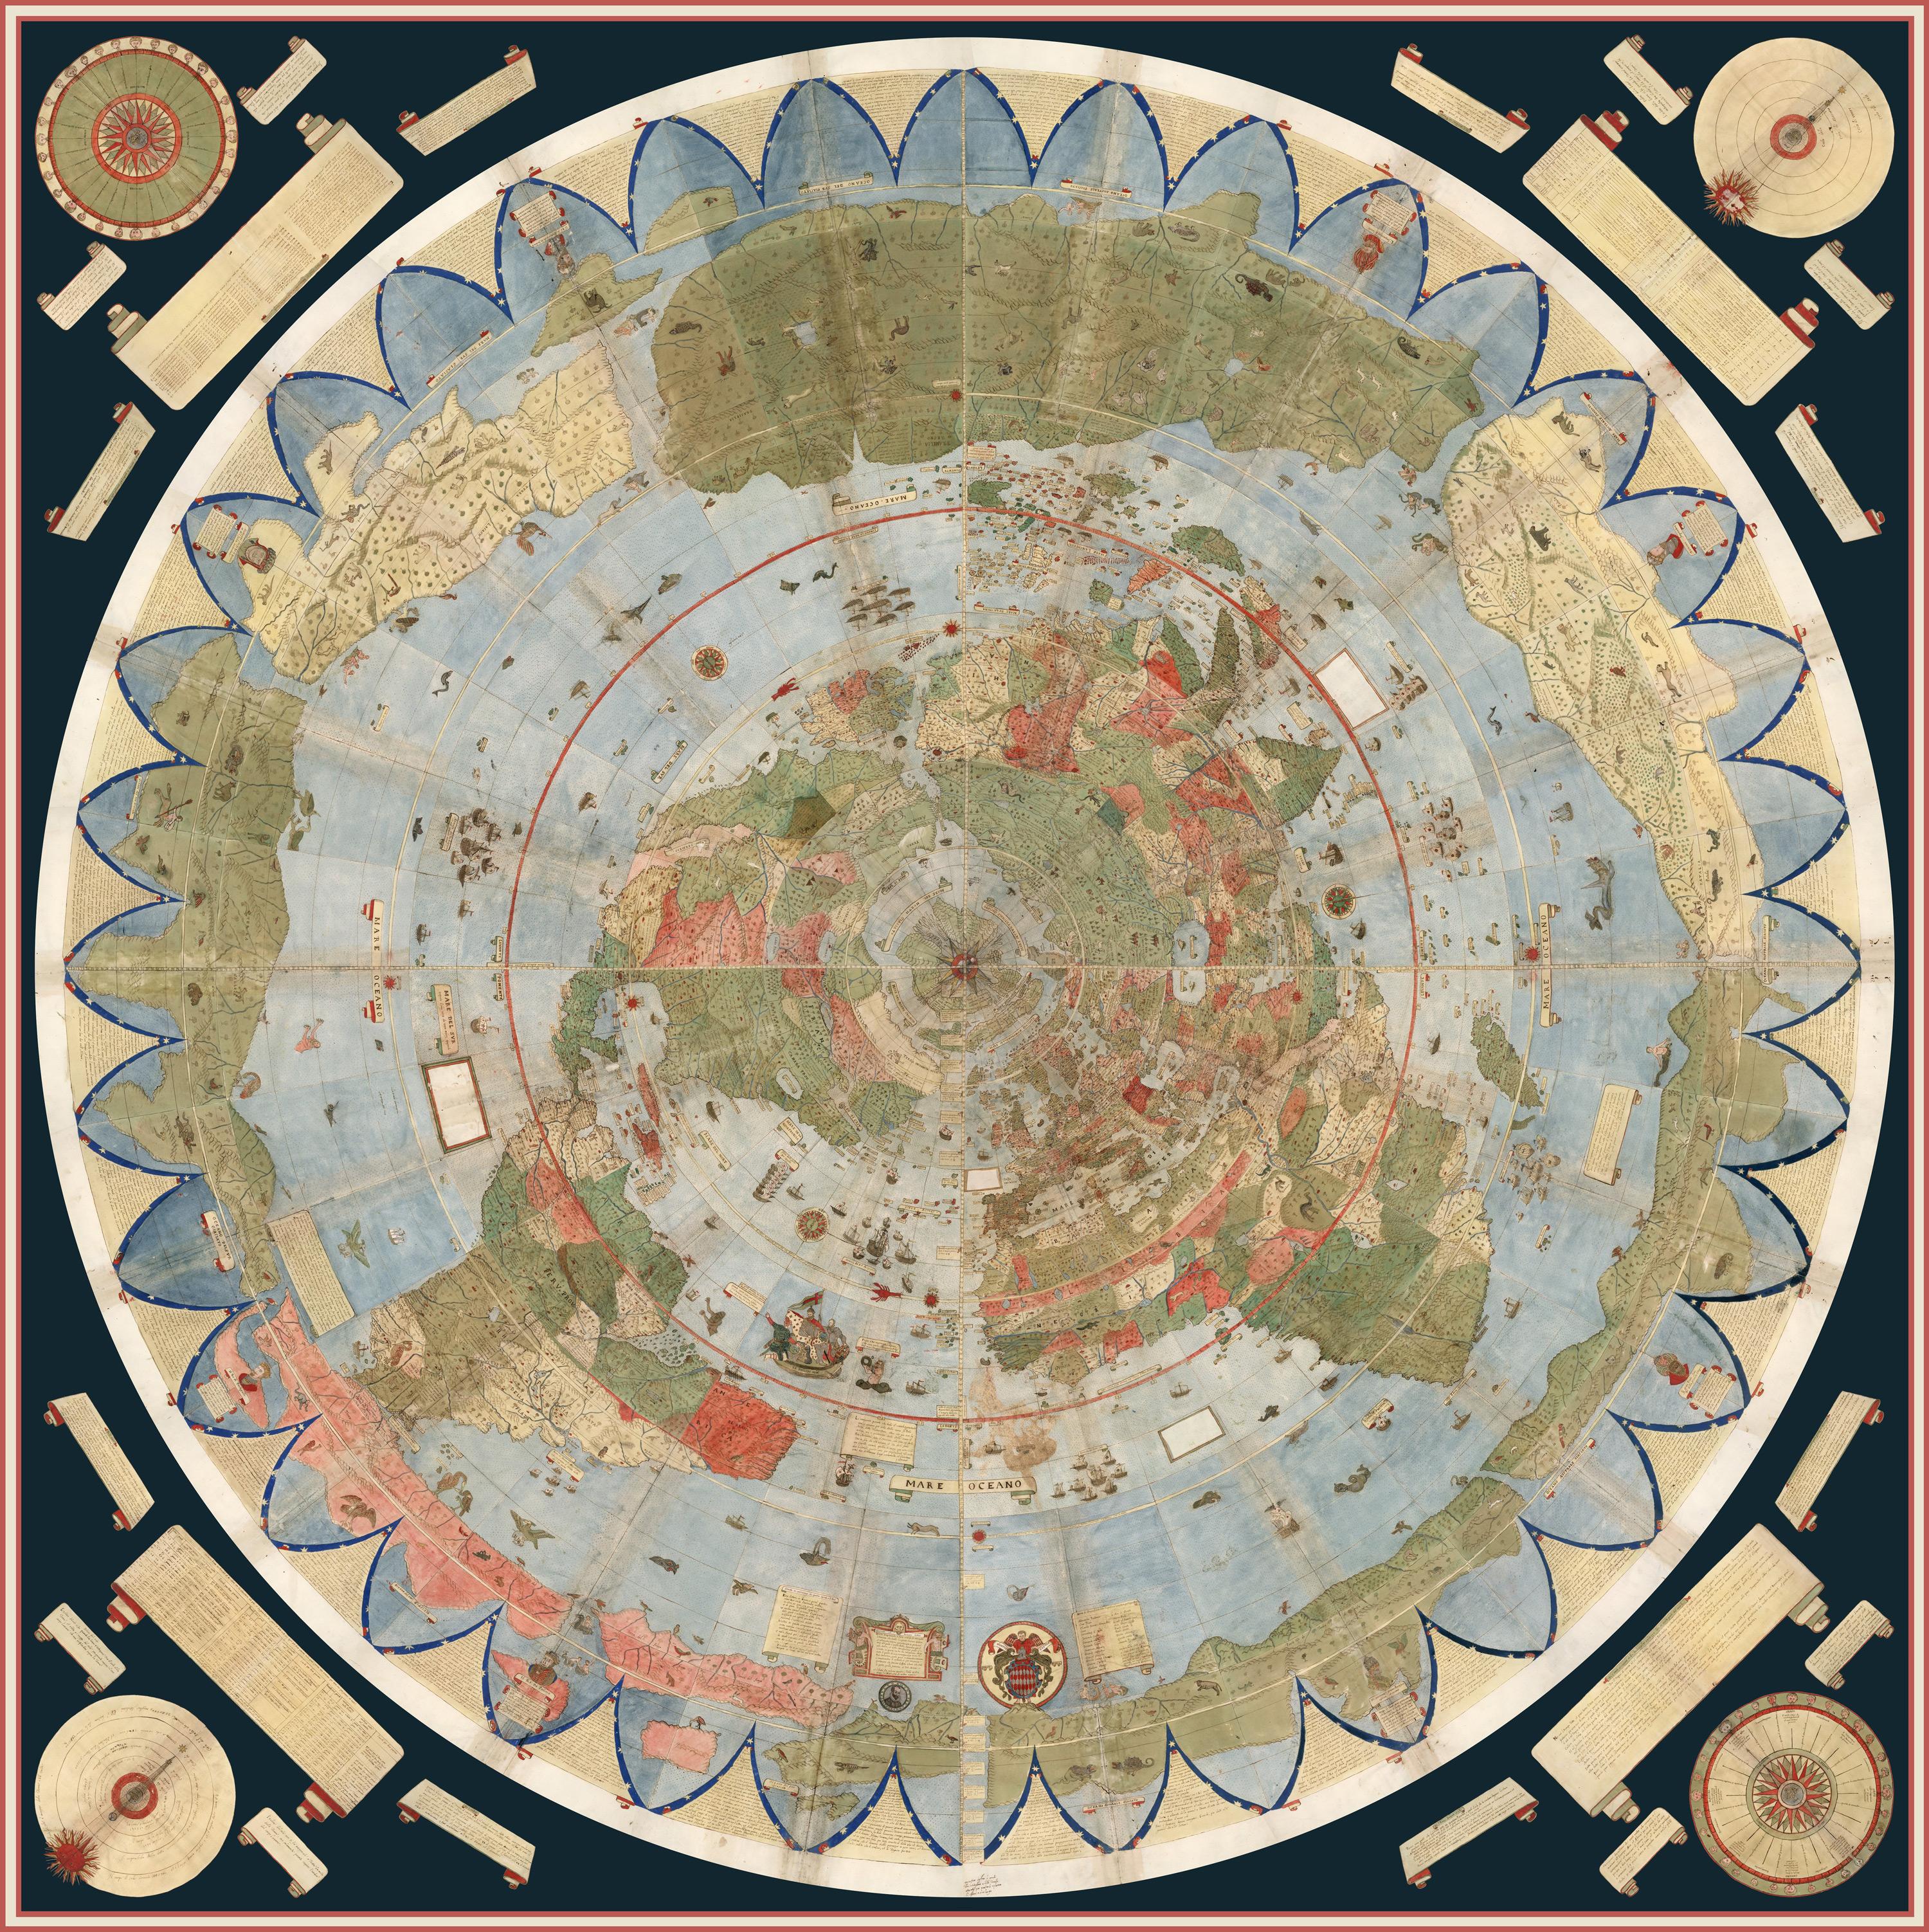 httpsuploadwikimediaorgwikipediacommons22bUrbano_Monti_E28094_World_Map_as_of_1587jpg